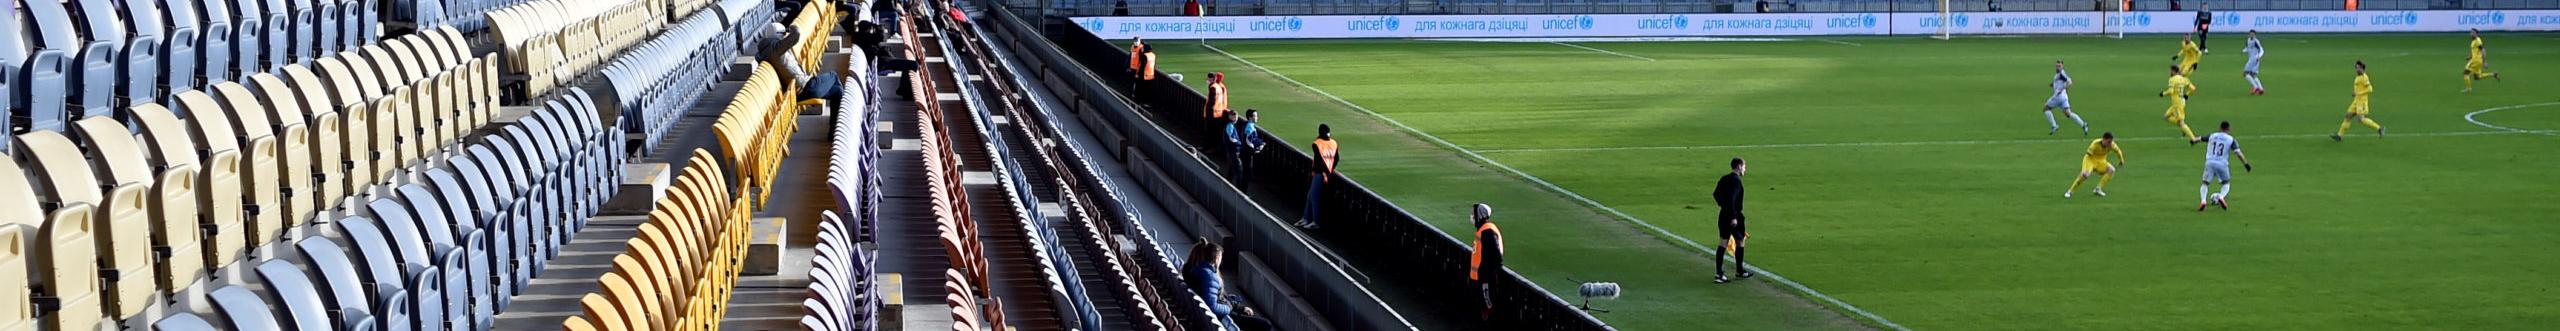 Slavia Mozyr-Rukh Brest: i ragazzi di Martsinovich non vogliono più fermarsi